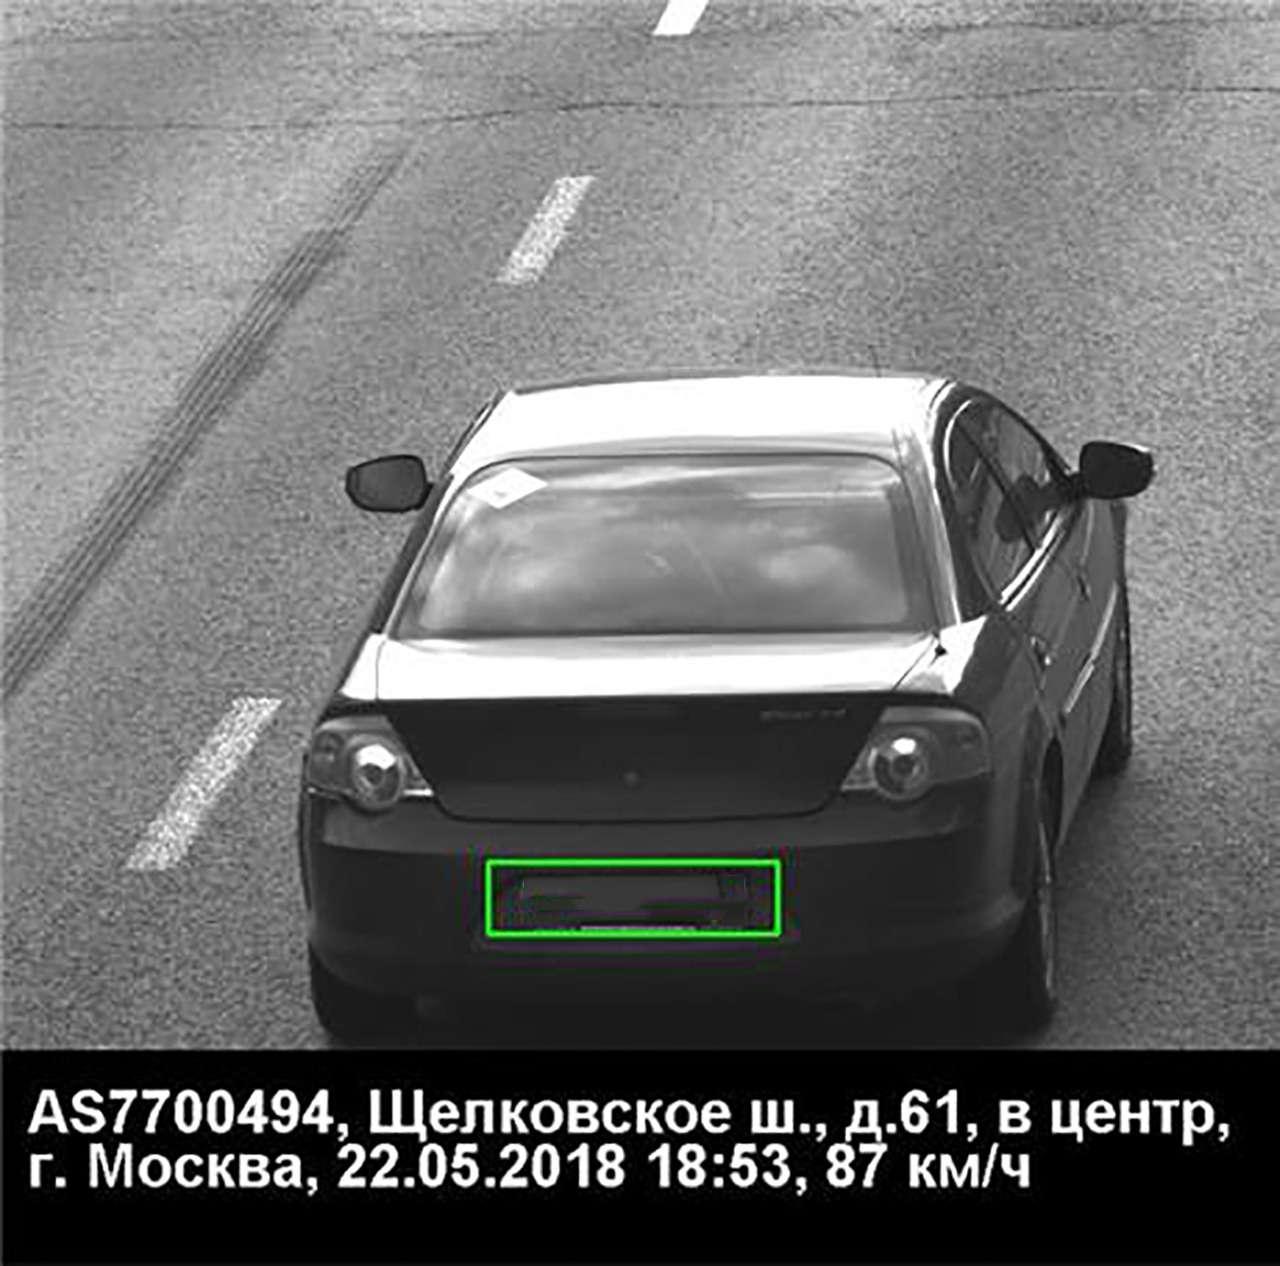 9 нарушений, закоторые уже штрафуют камеры— фото 920158